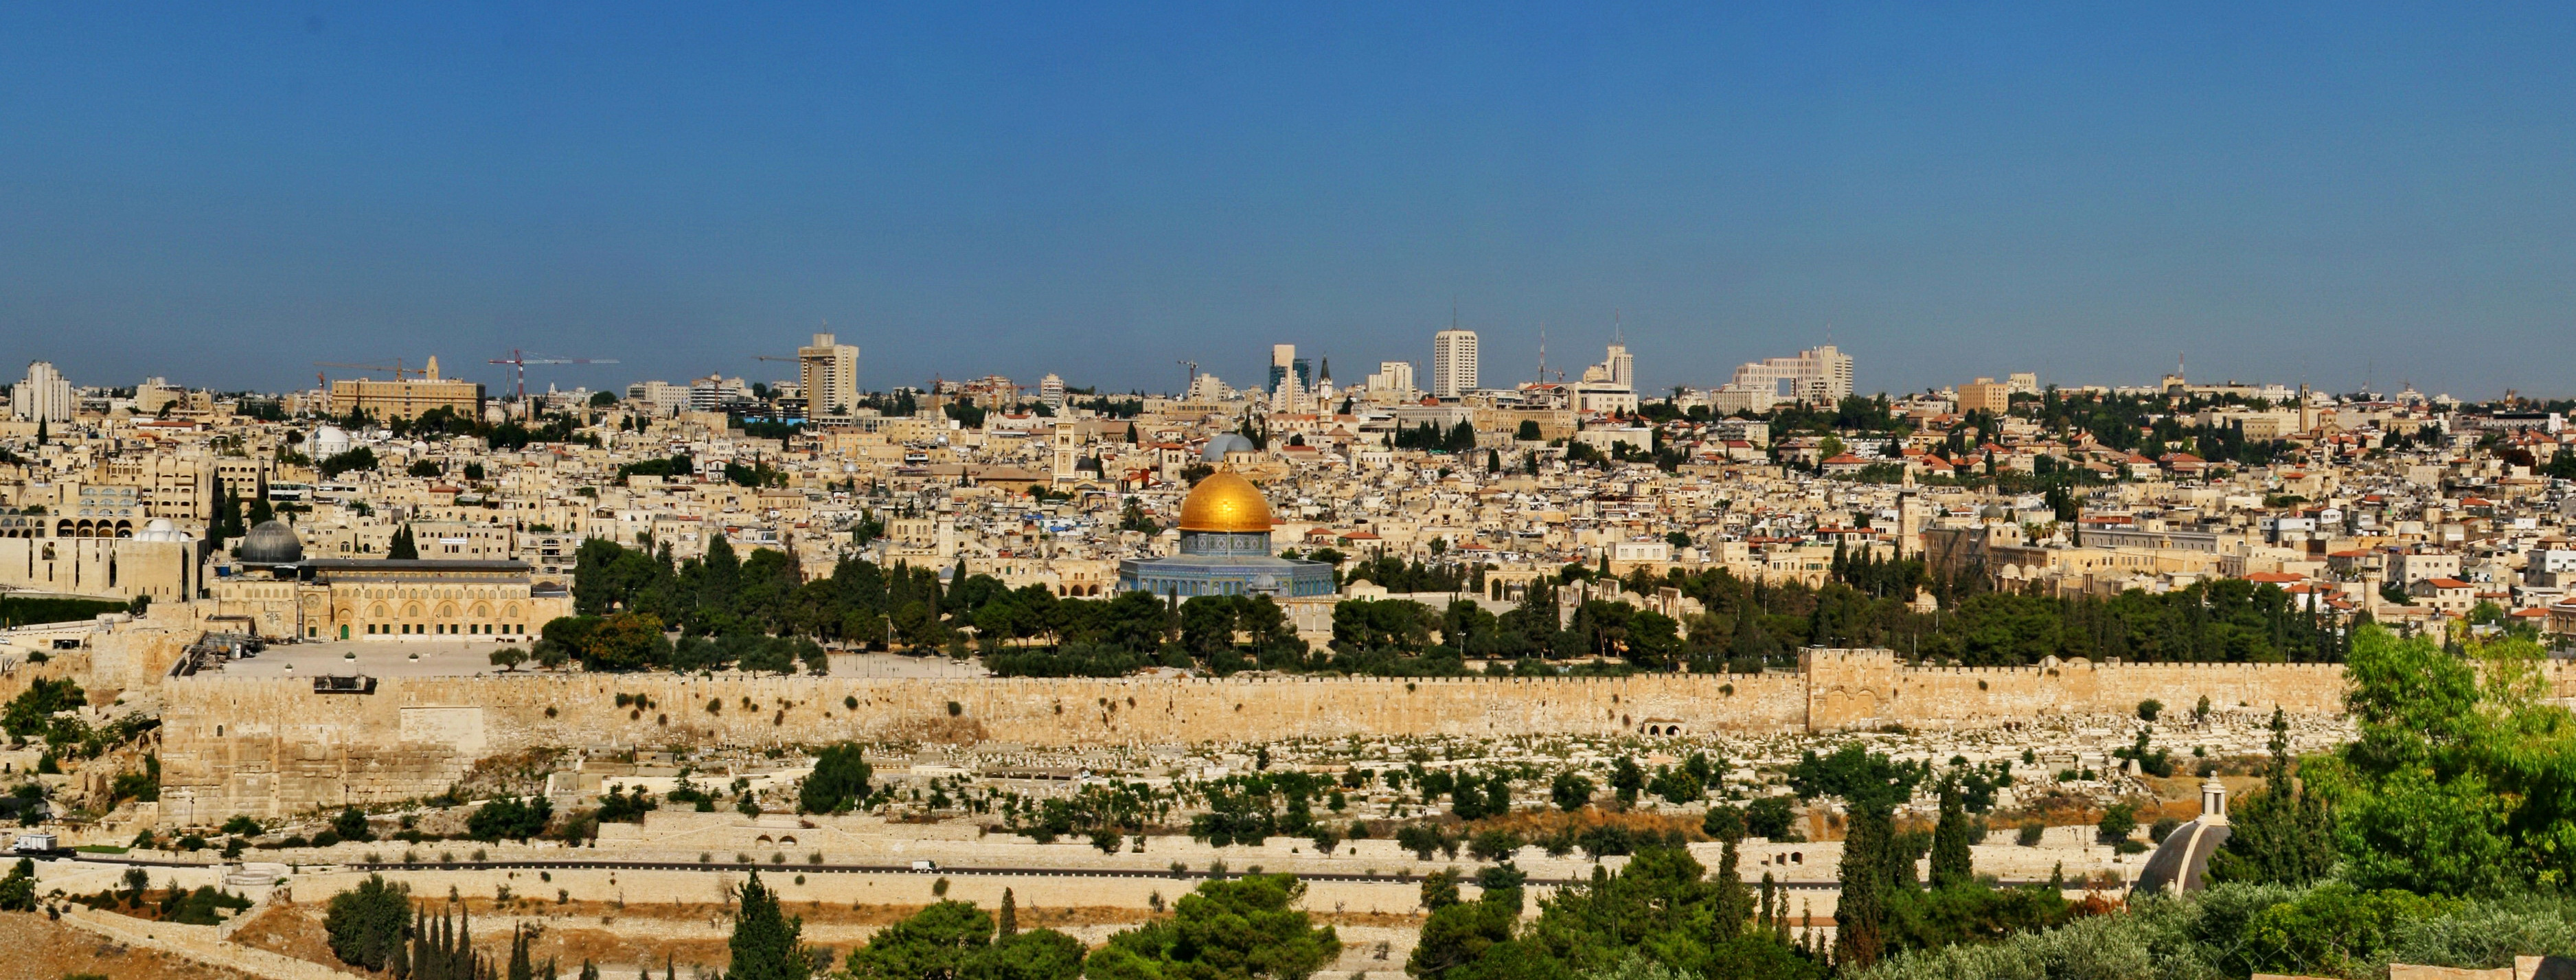 Ziemia Święta - widok na panoramę Jerozolimy